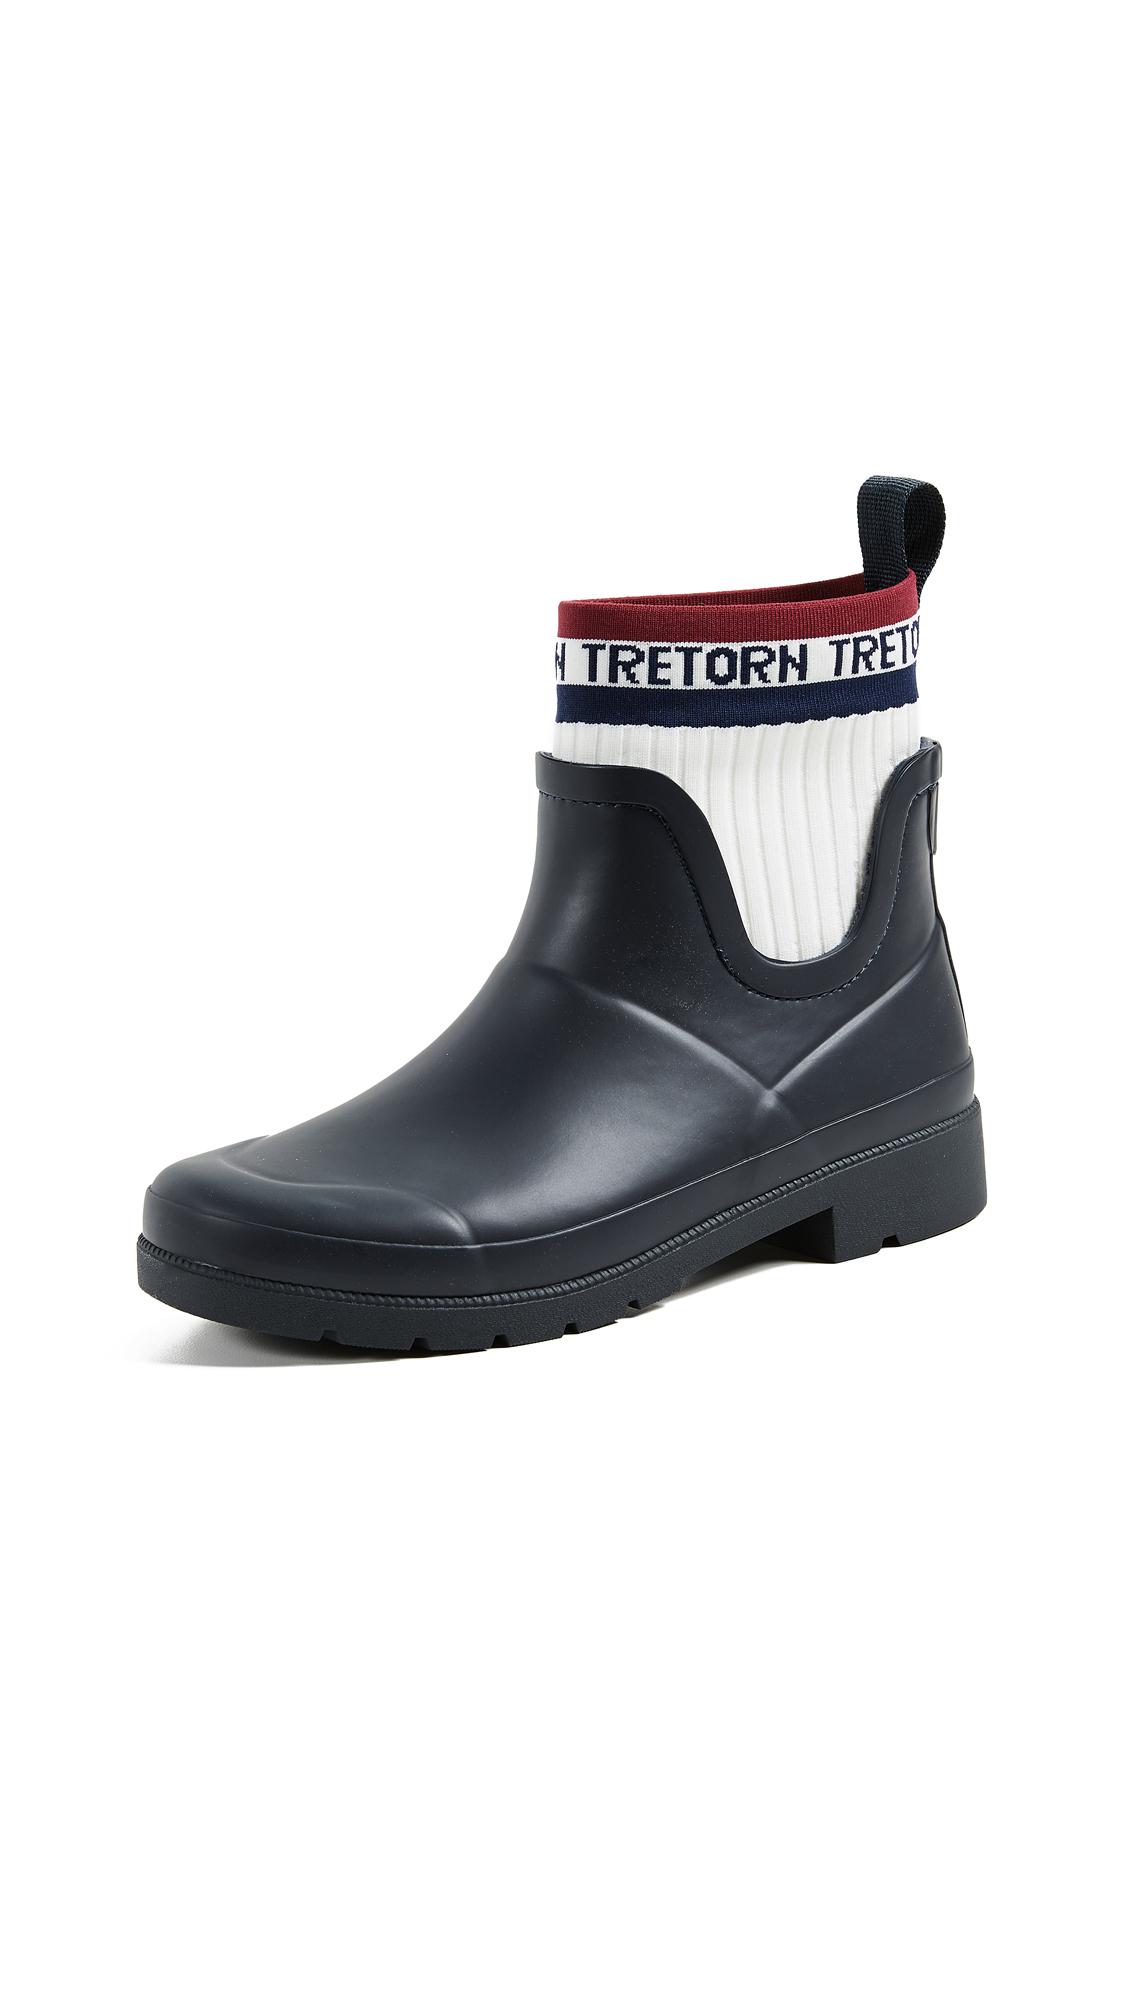 Tretorn Lia Rain Boots - Night/Vintage White